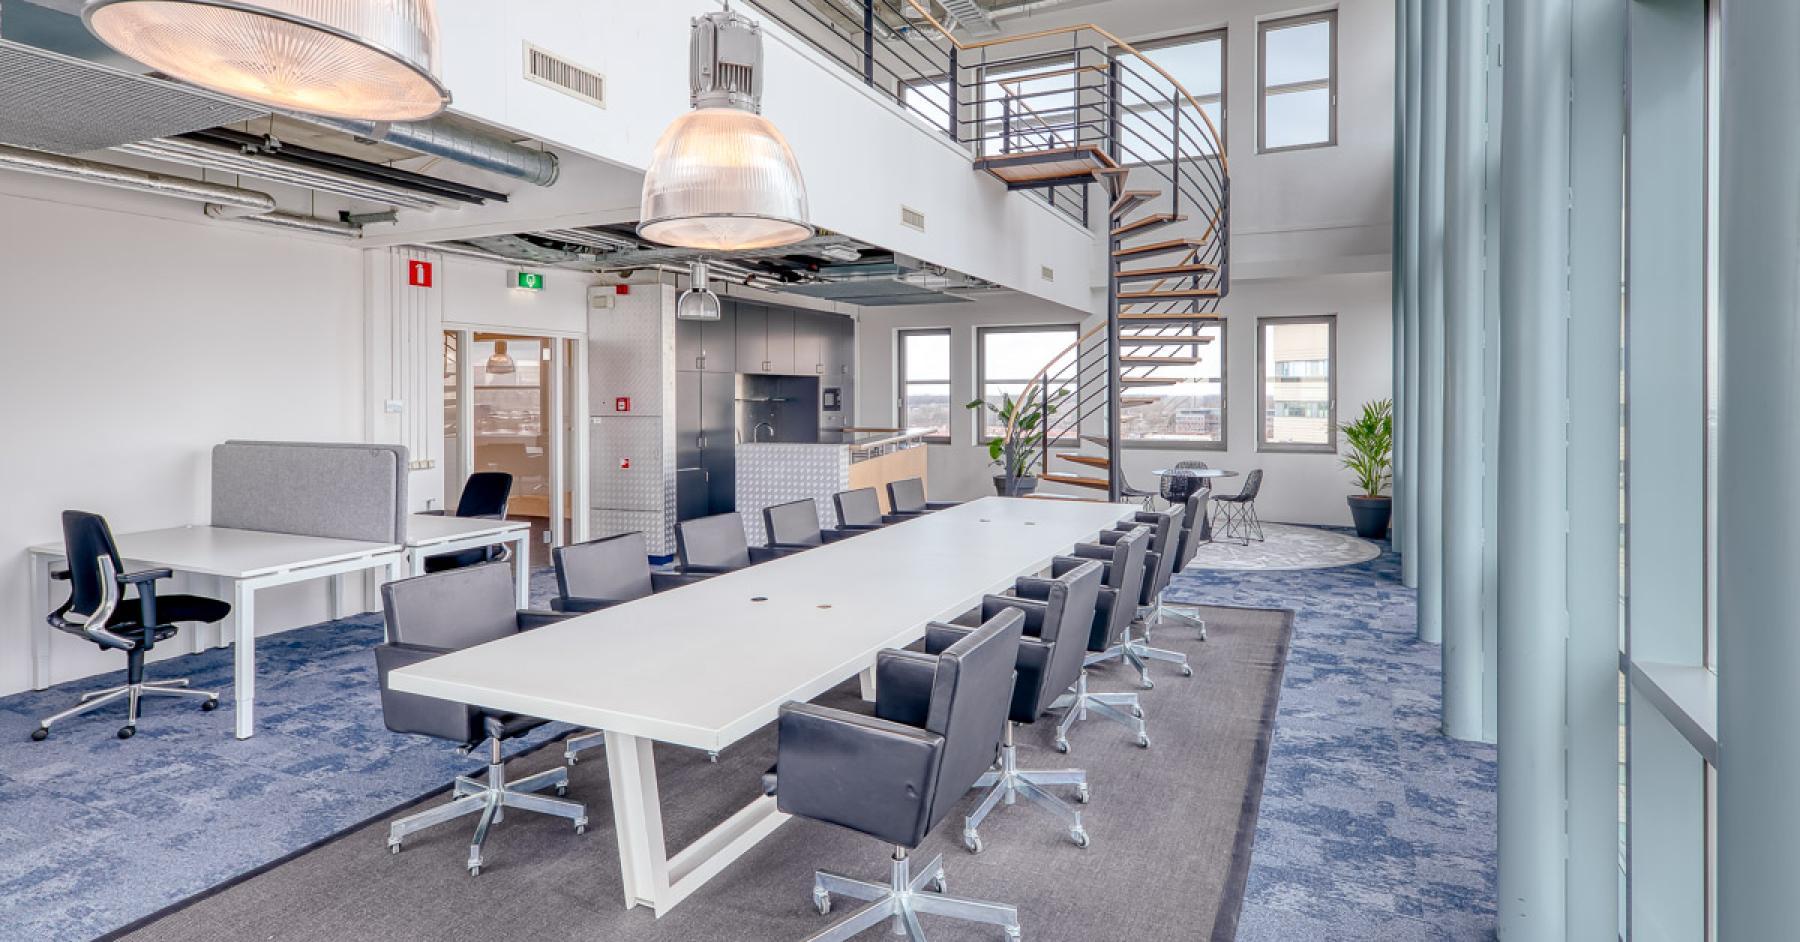 Kantoorruimte huren Rivium Boulevard 201-234, Capelle aan den IJssel (15)